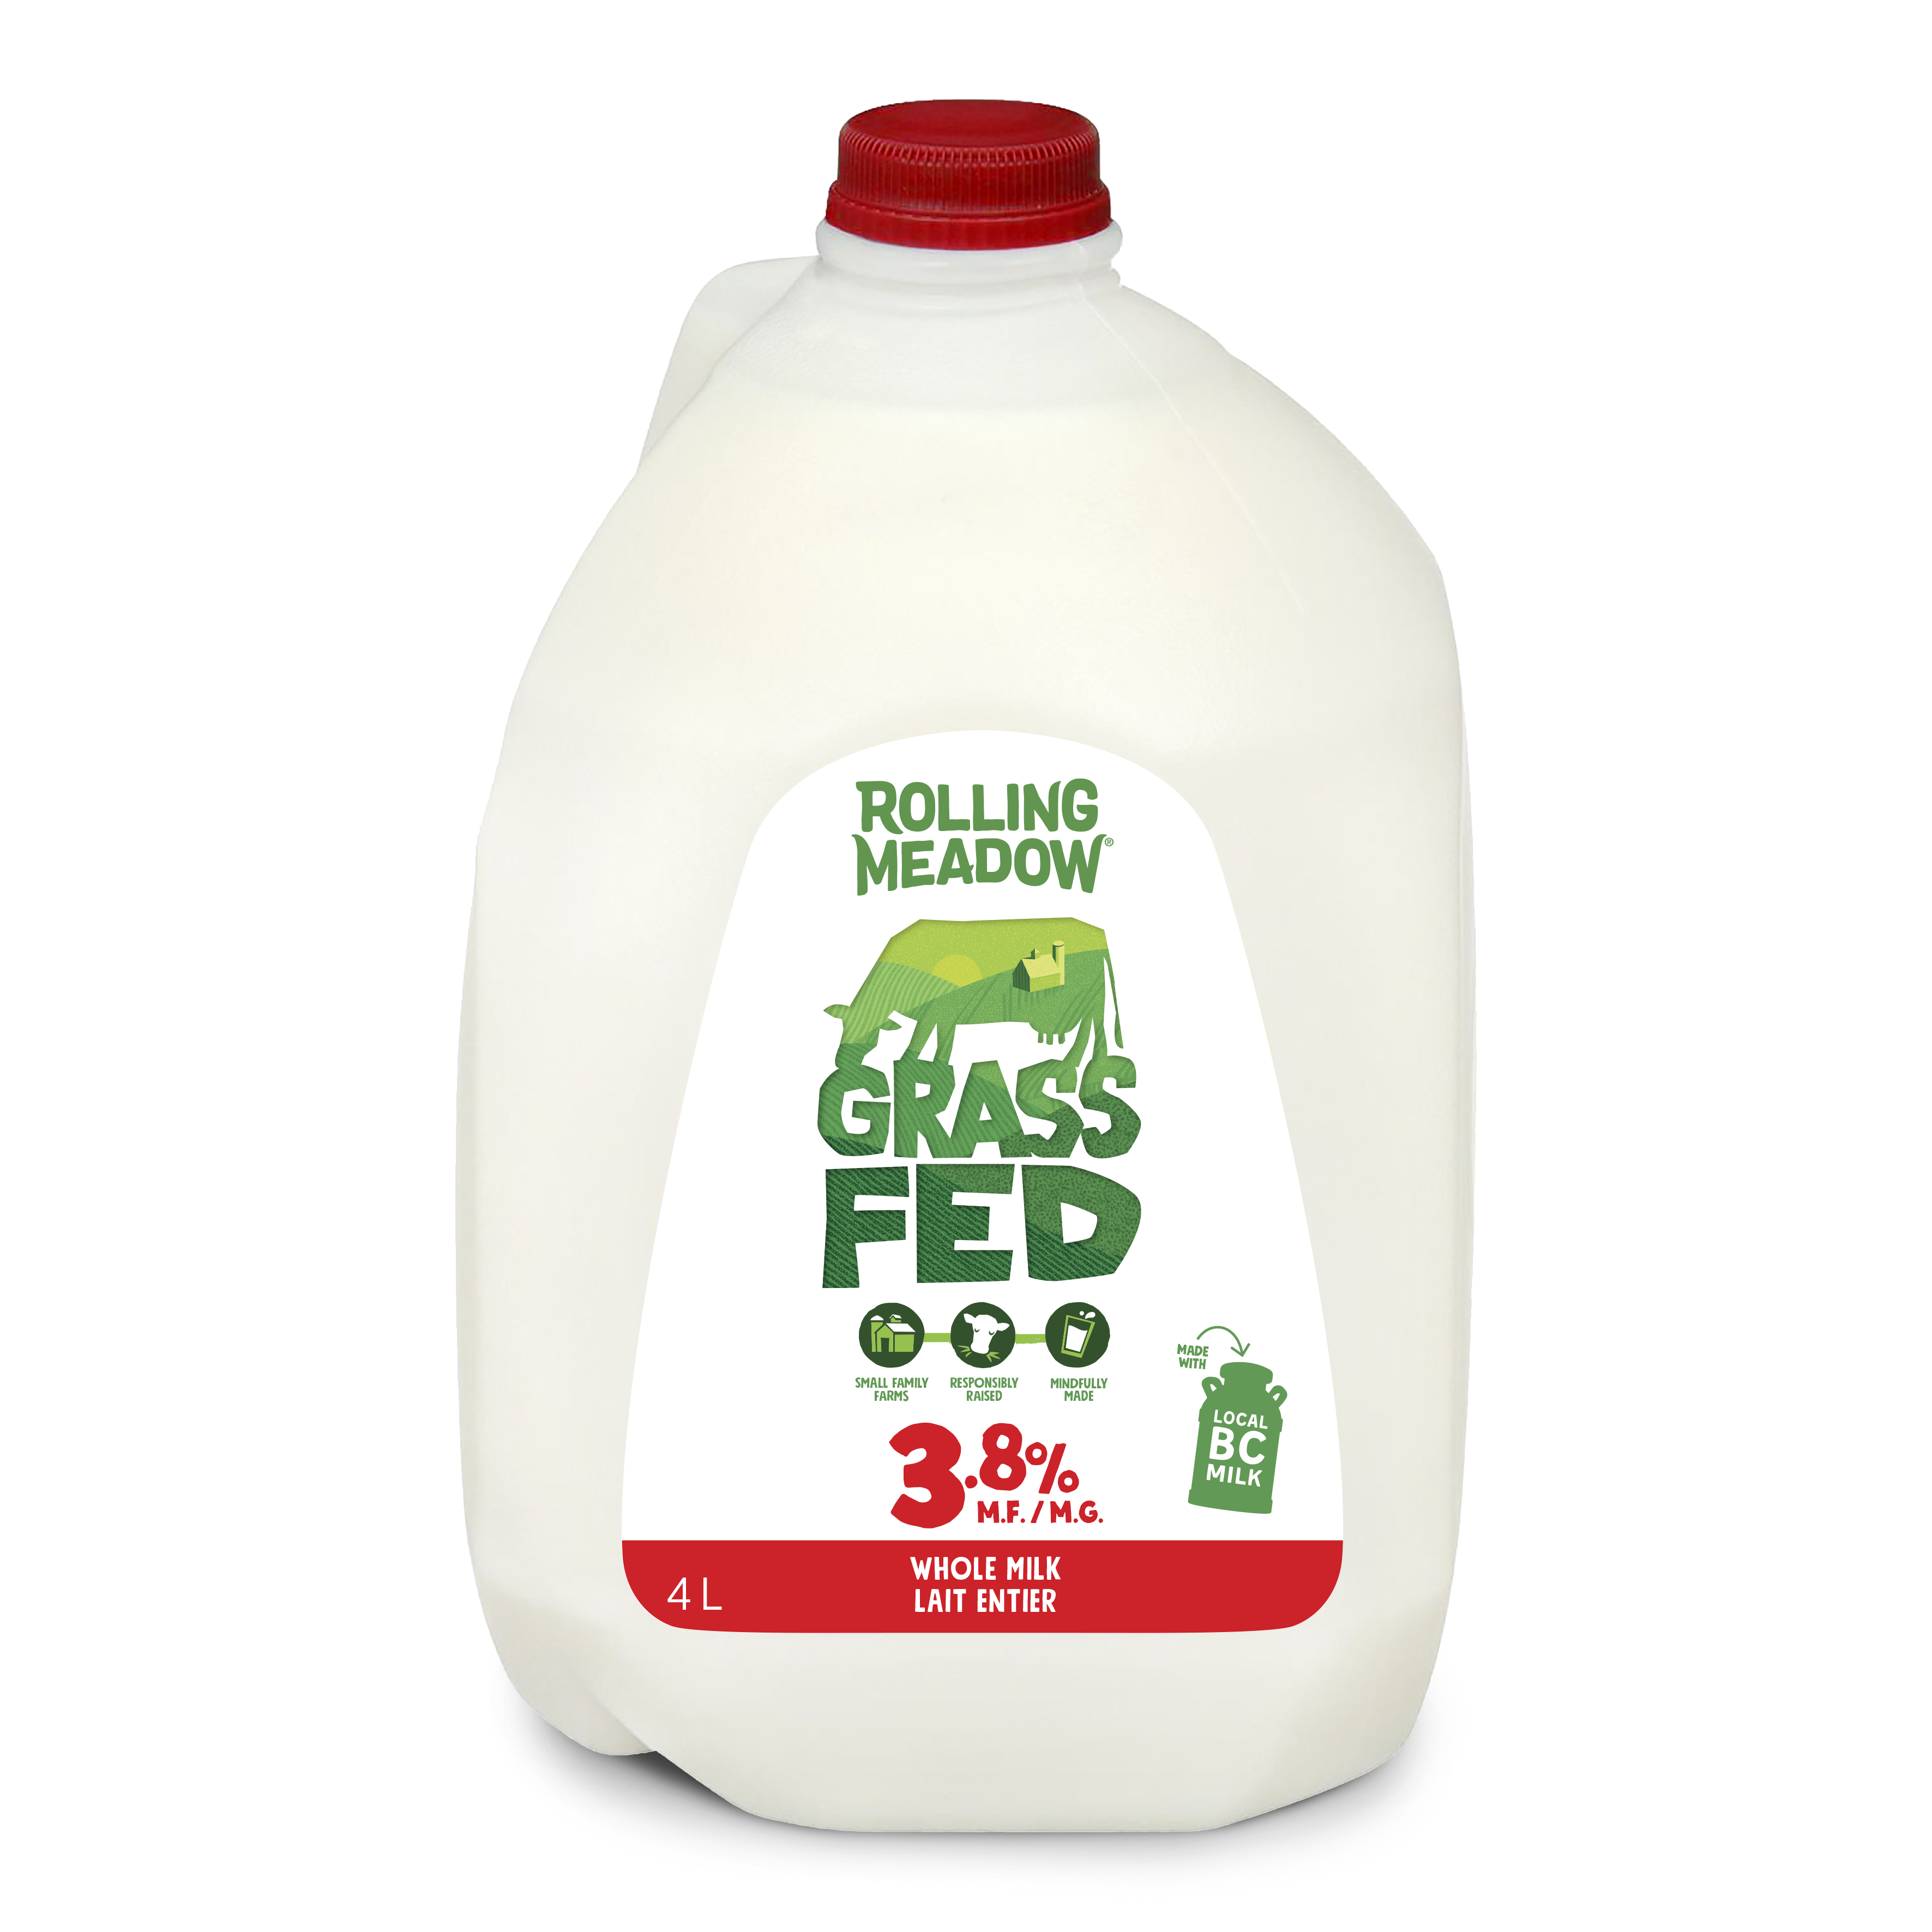 3.8% Milk - 4L